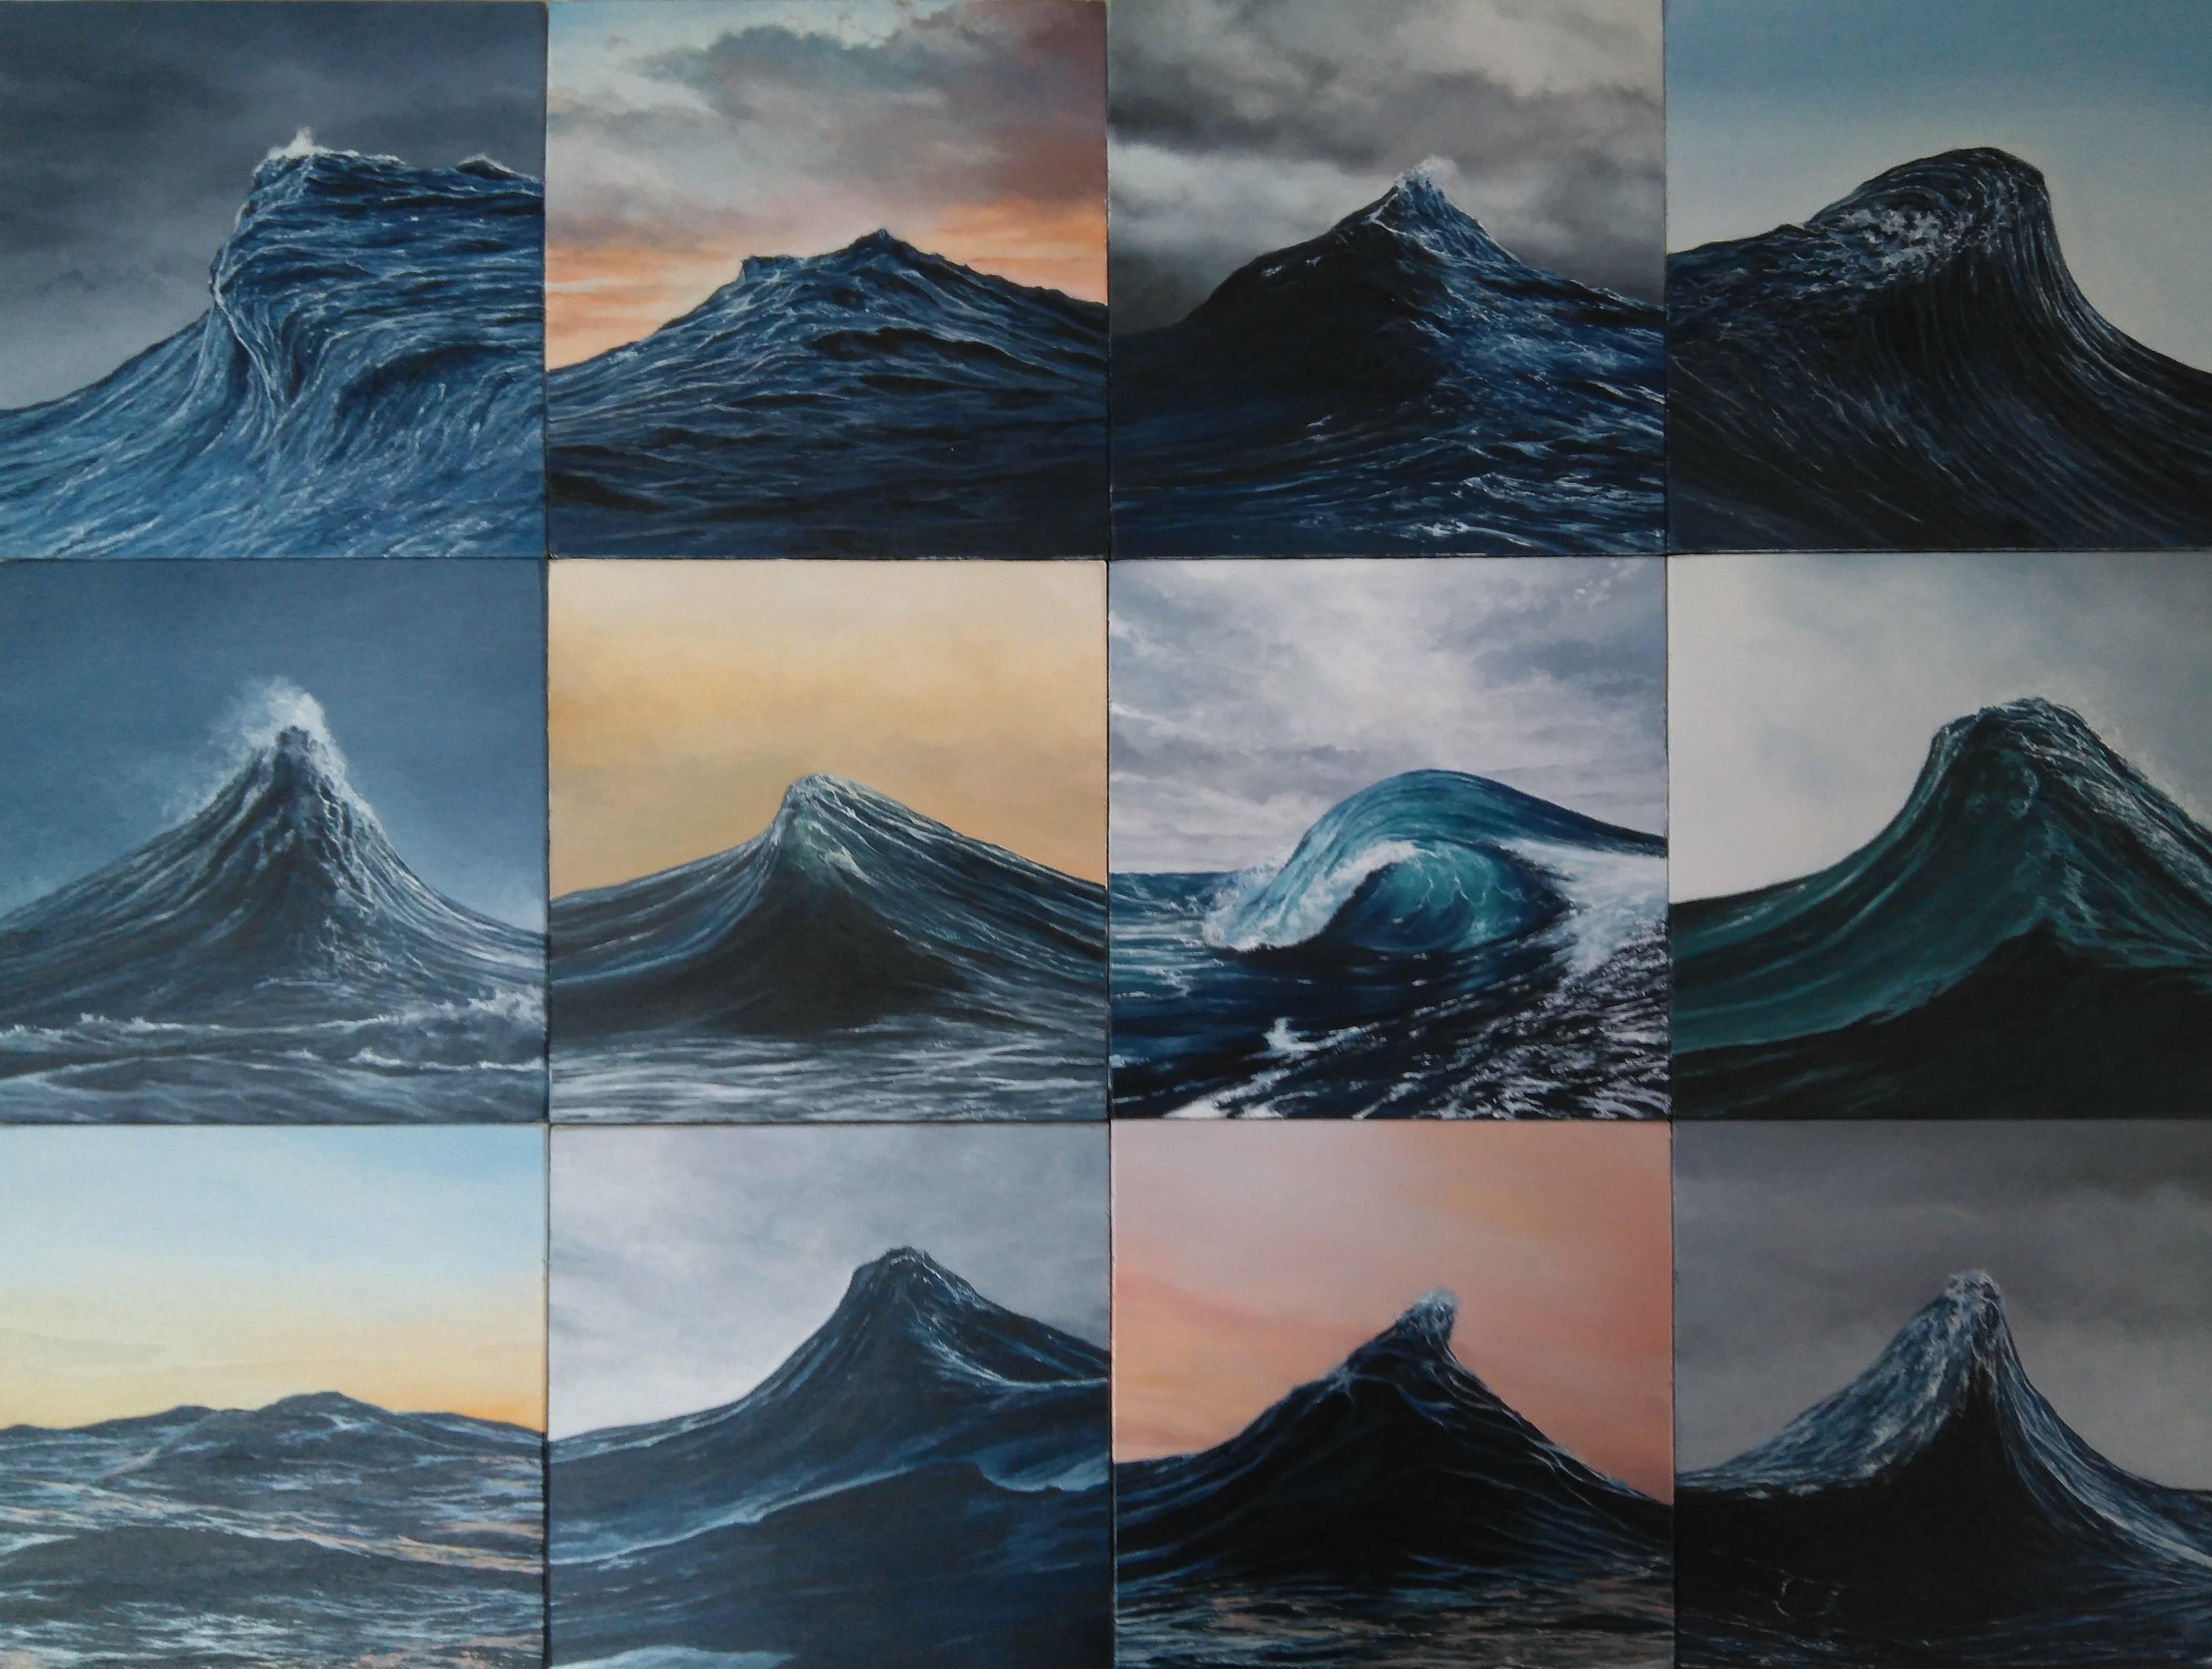 Composición 12 Poseidones